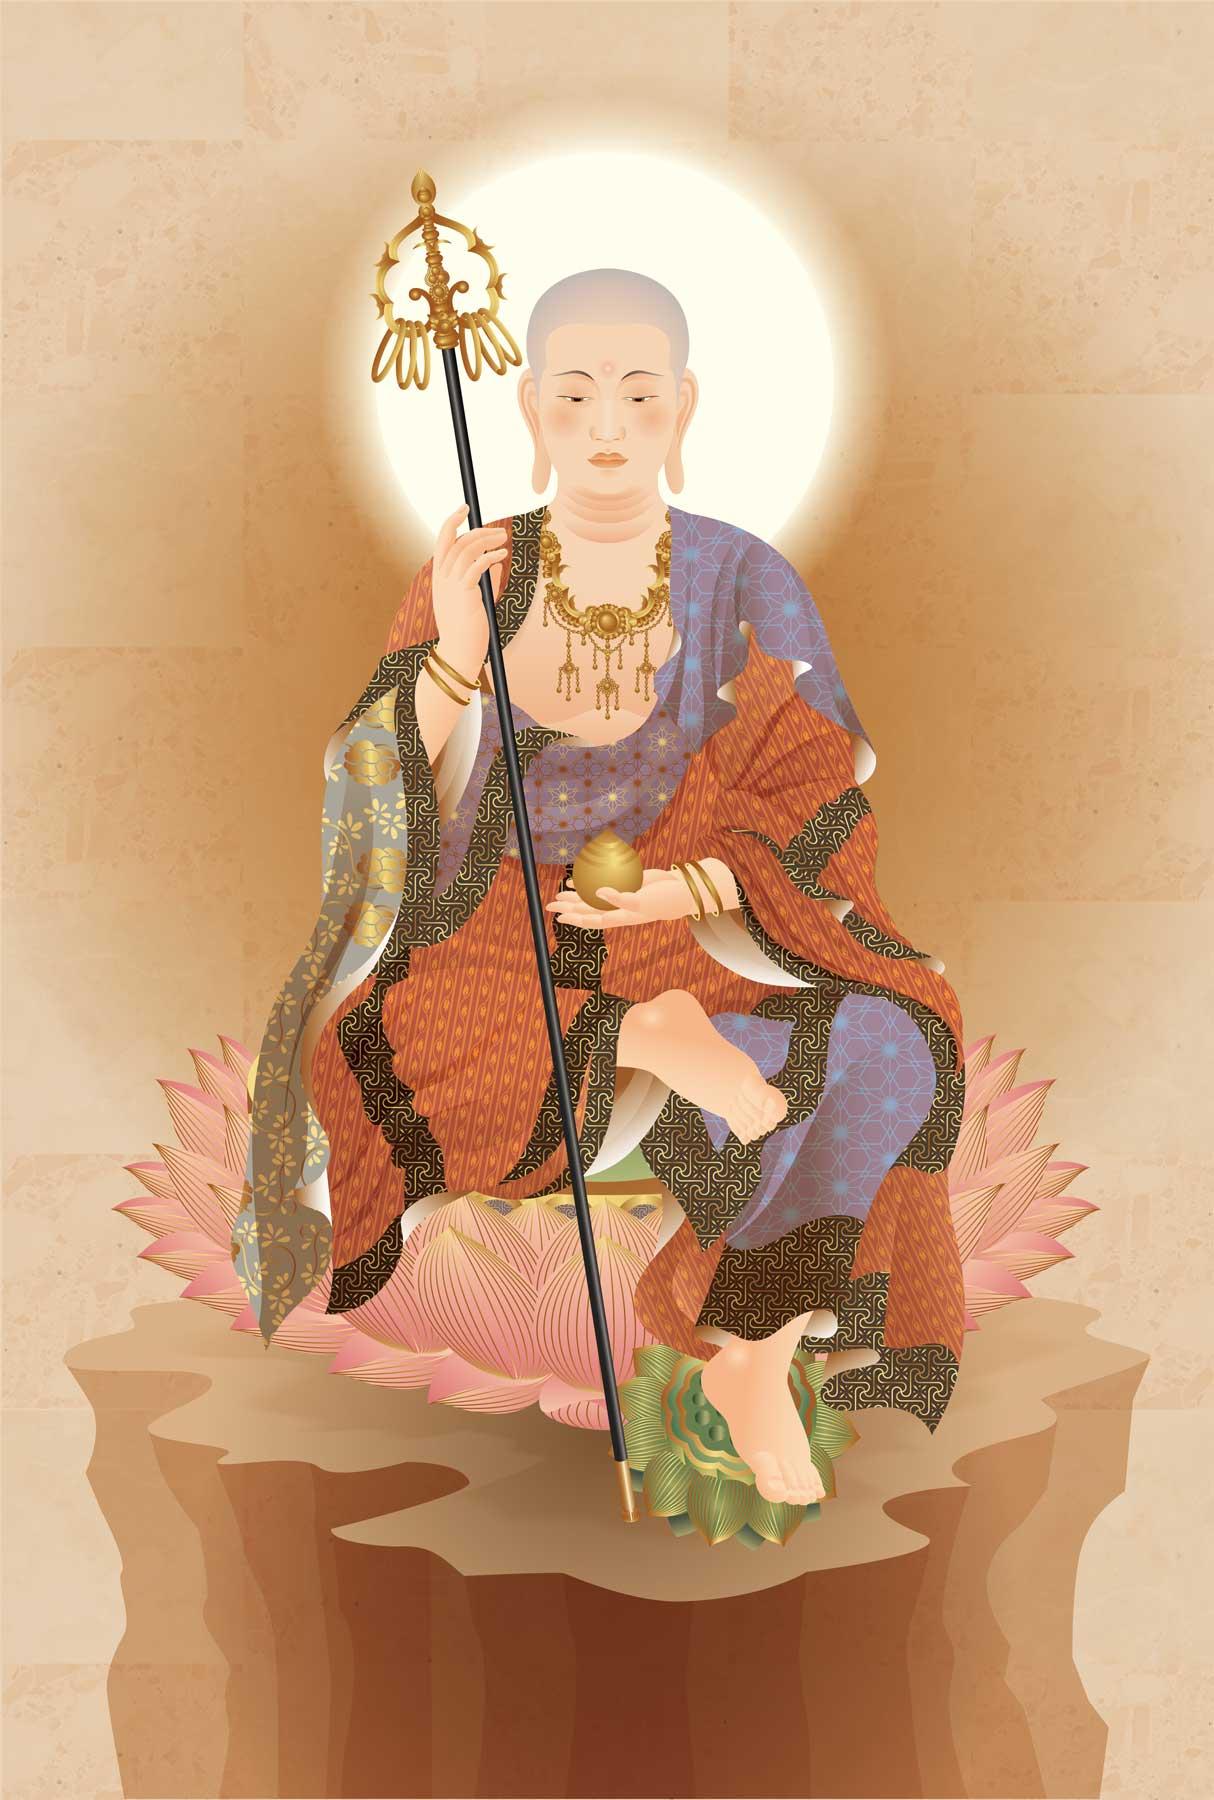 Jizo Bodhisattva